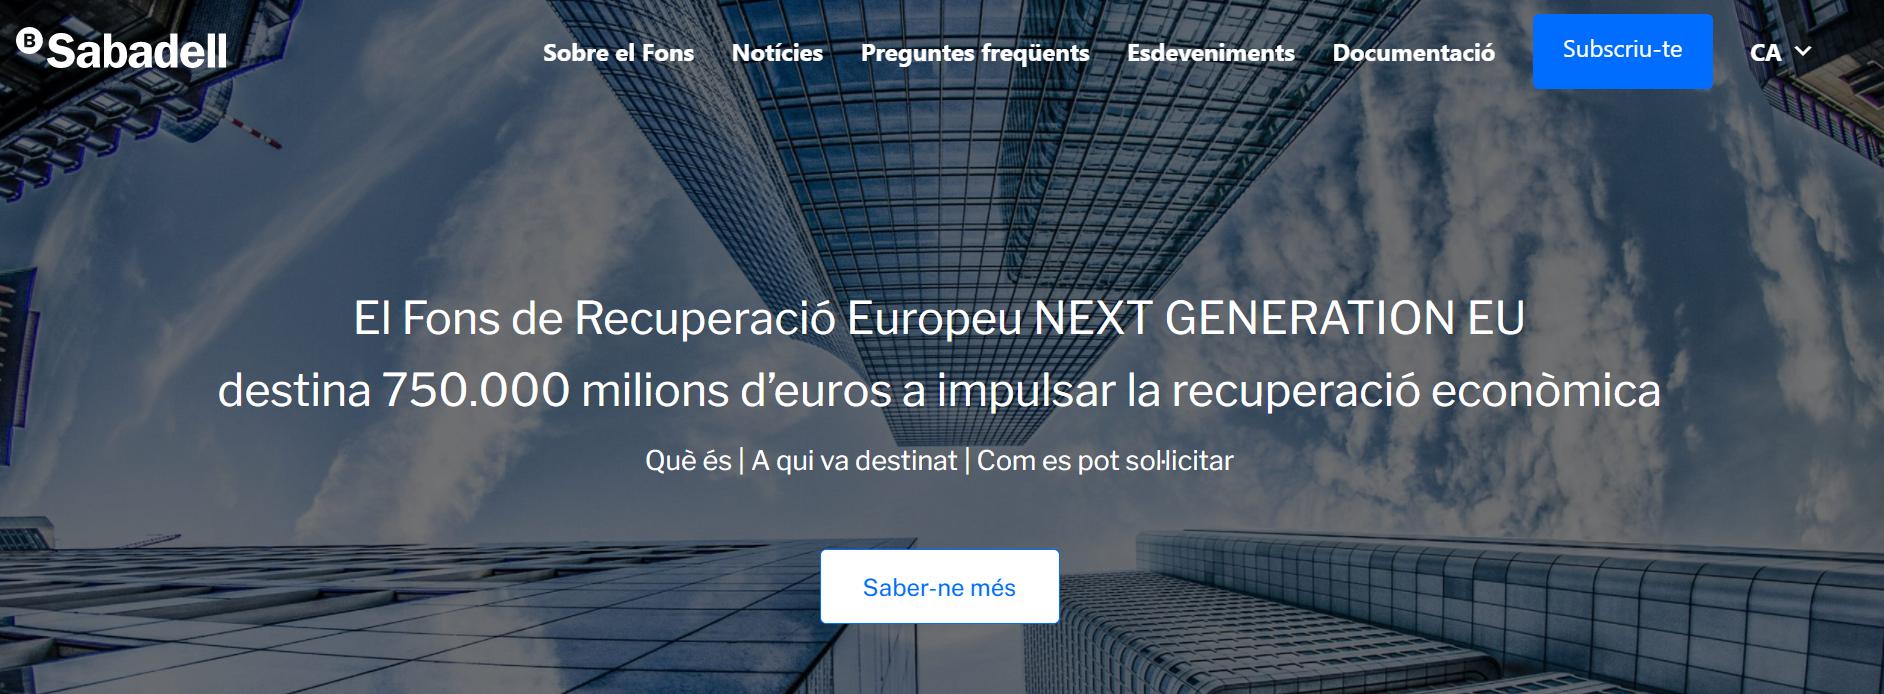 Banc de Sabadell habilita un espai web sobre el Fons de Recuperació Europeu